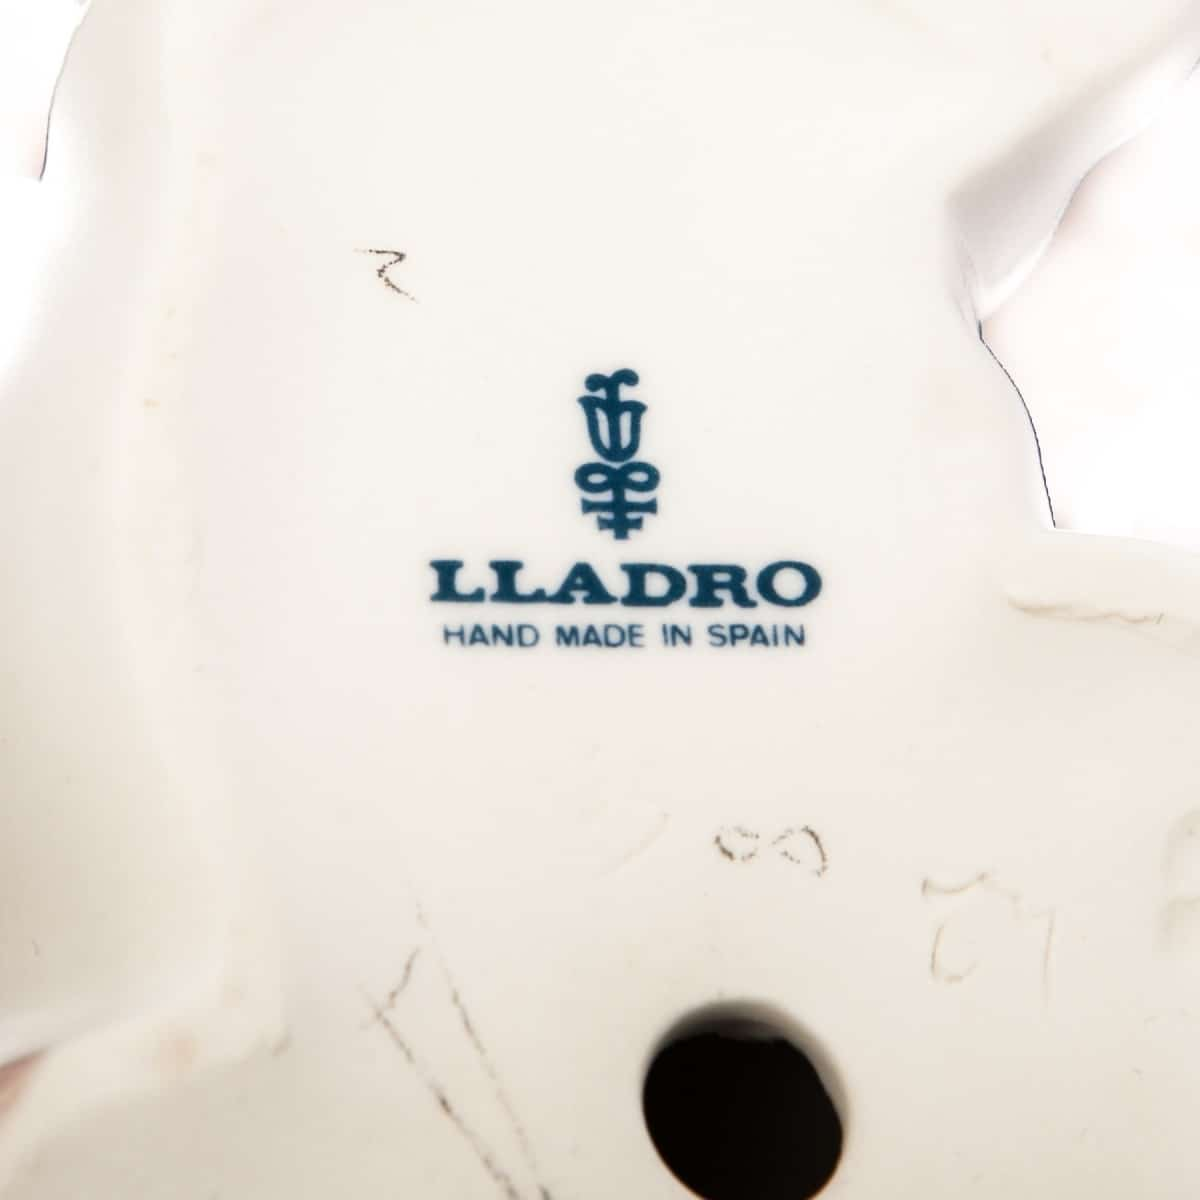 Клеймо завода из Испании